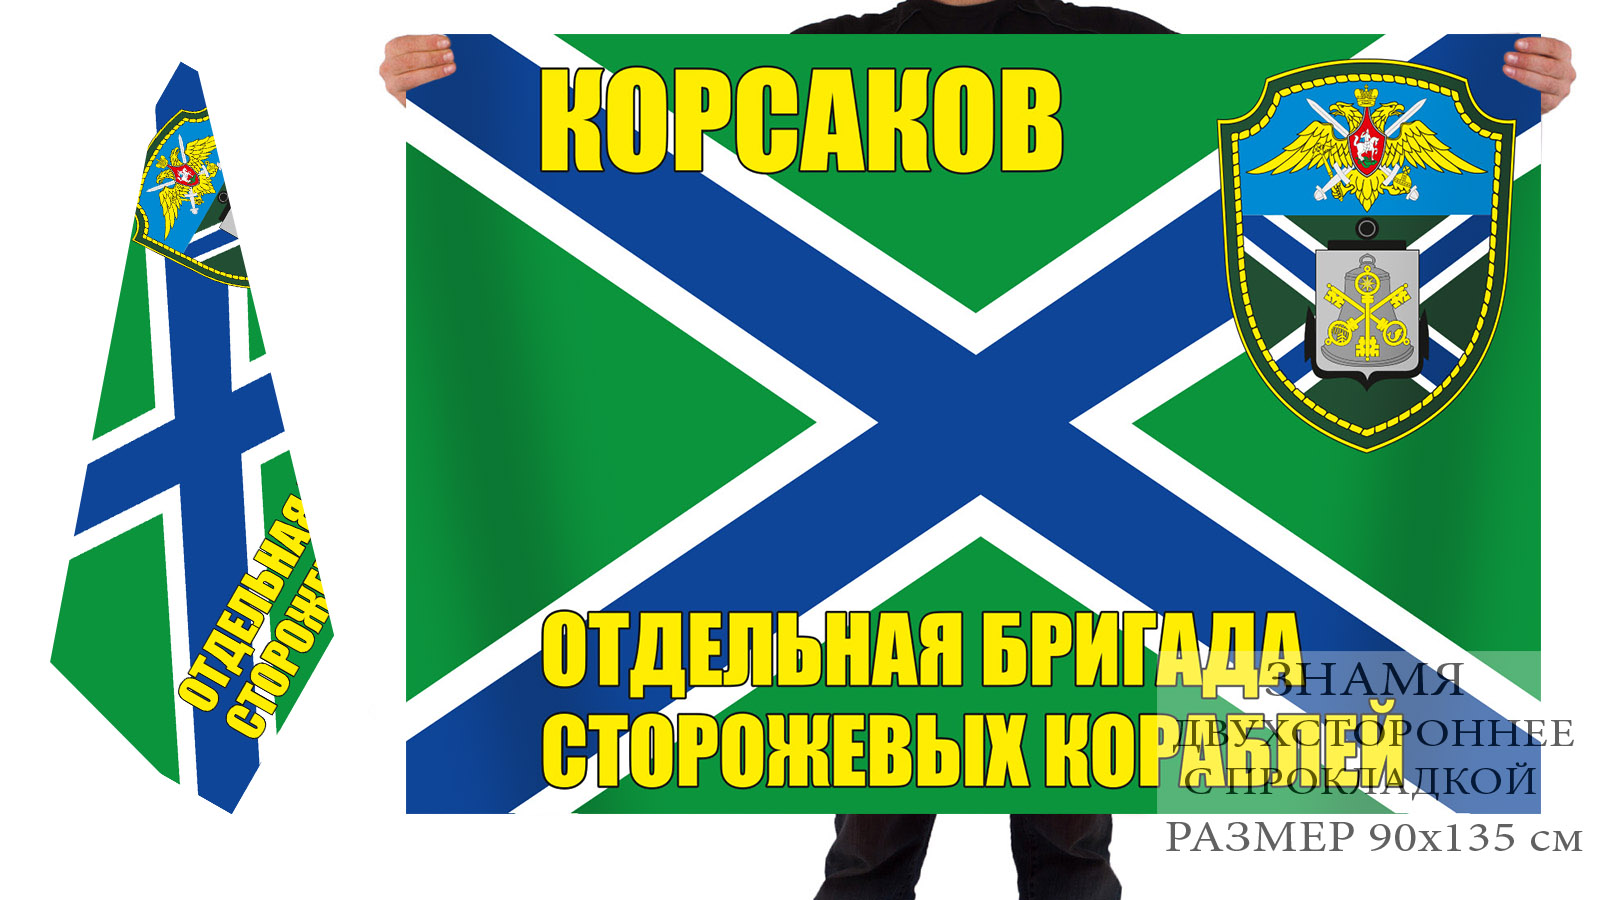 """Флаг """"Отдельная бригада ПСКР Корсаков"""" купить с доставкой"""